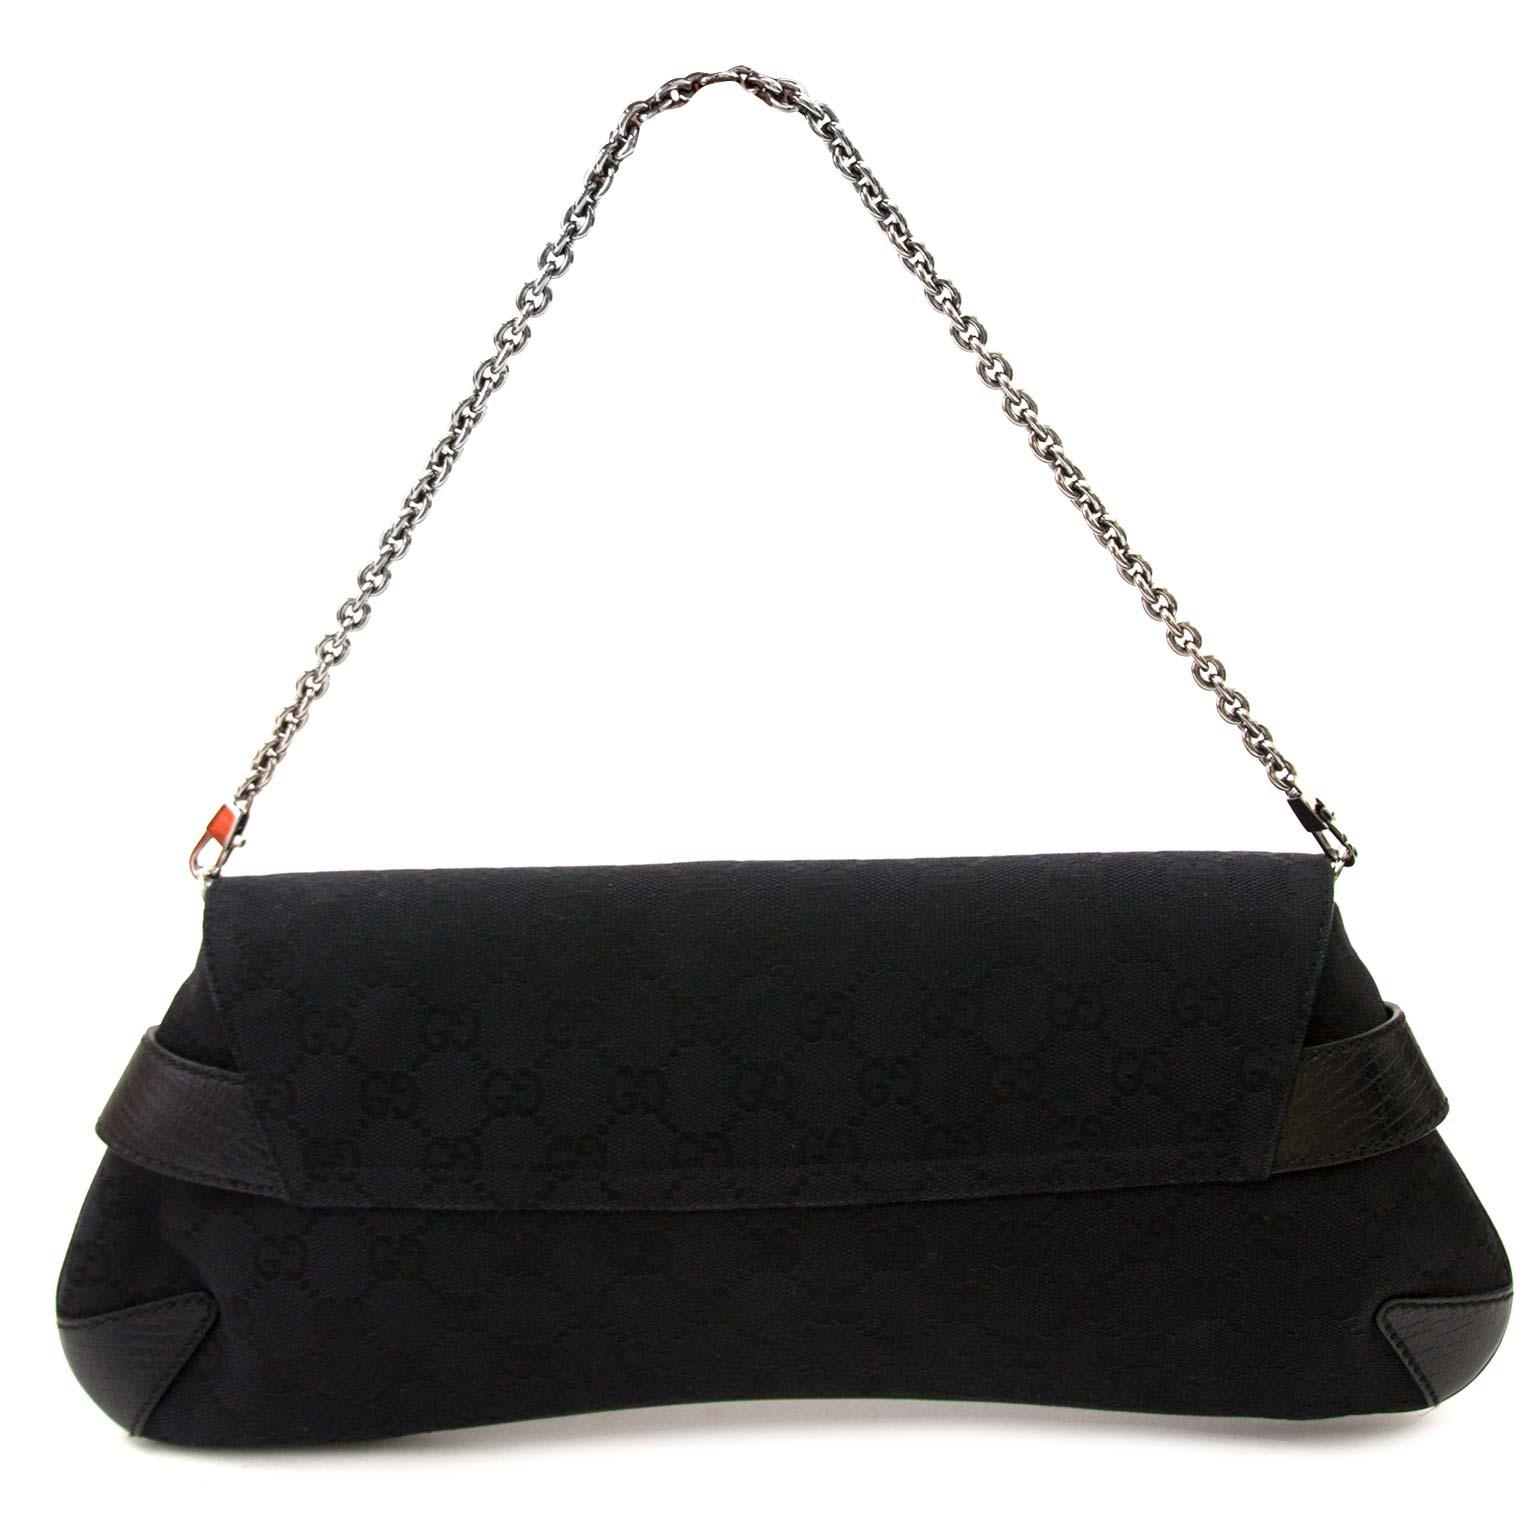 8eccd80a4c0b ... achetez Gucci Black Monogram Horsebit Bag chez labellov pour le  meilleur prix